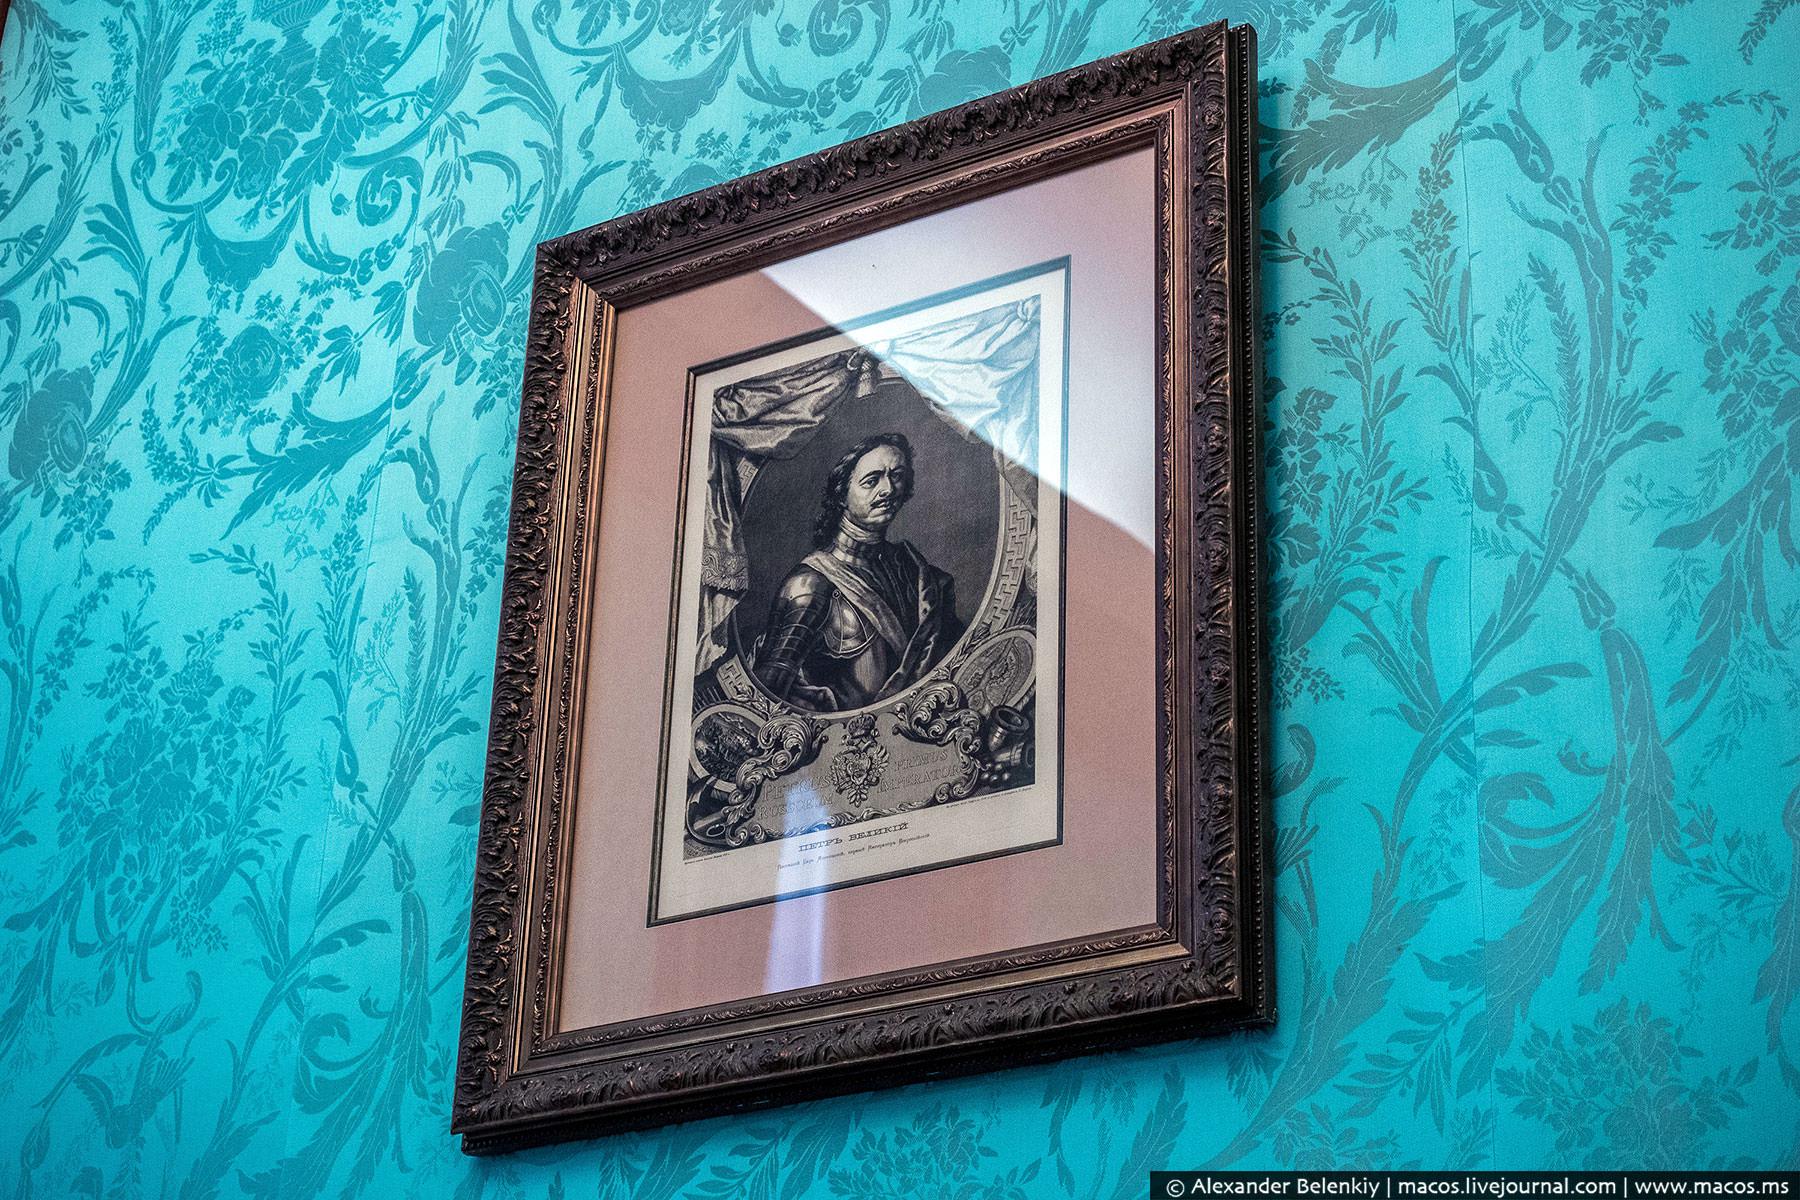 Сайт посольства: «Портрет Петра, размещенный в центре противоположной от входа стены, репродукция гр